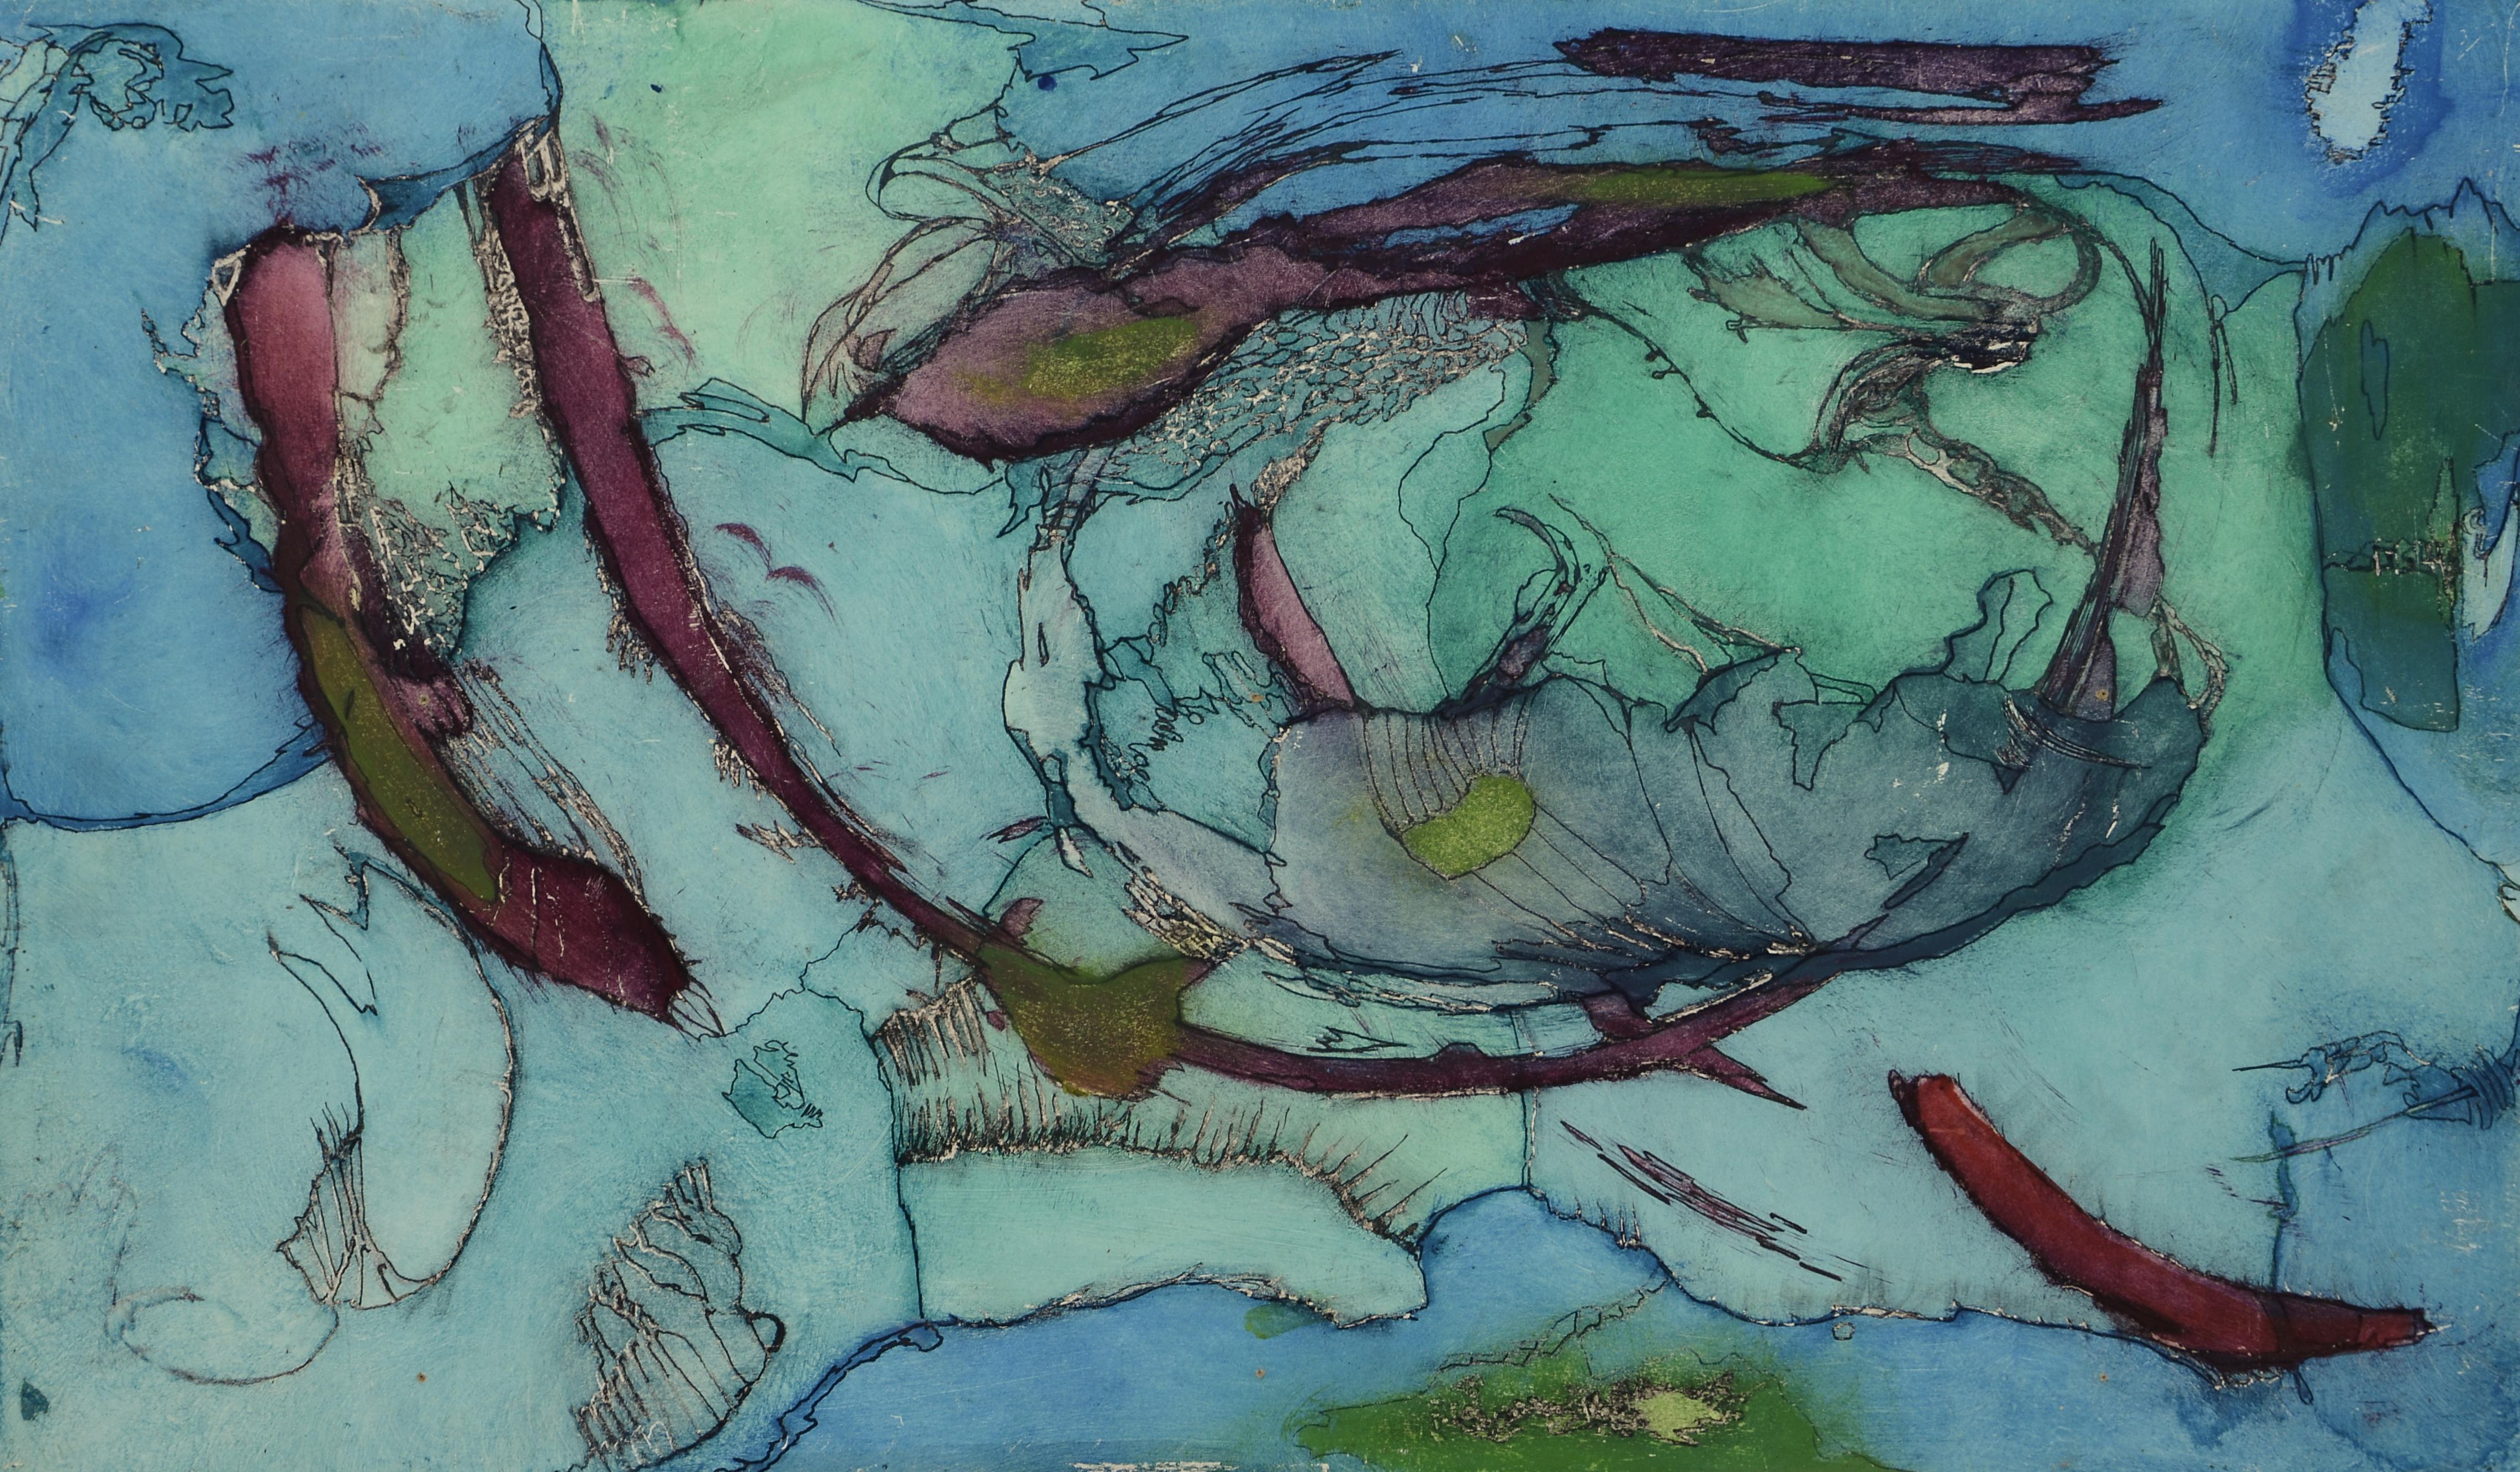 mikrokosmos,40x 67,5,acryl auf MDF,2011